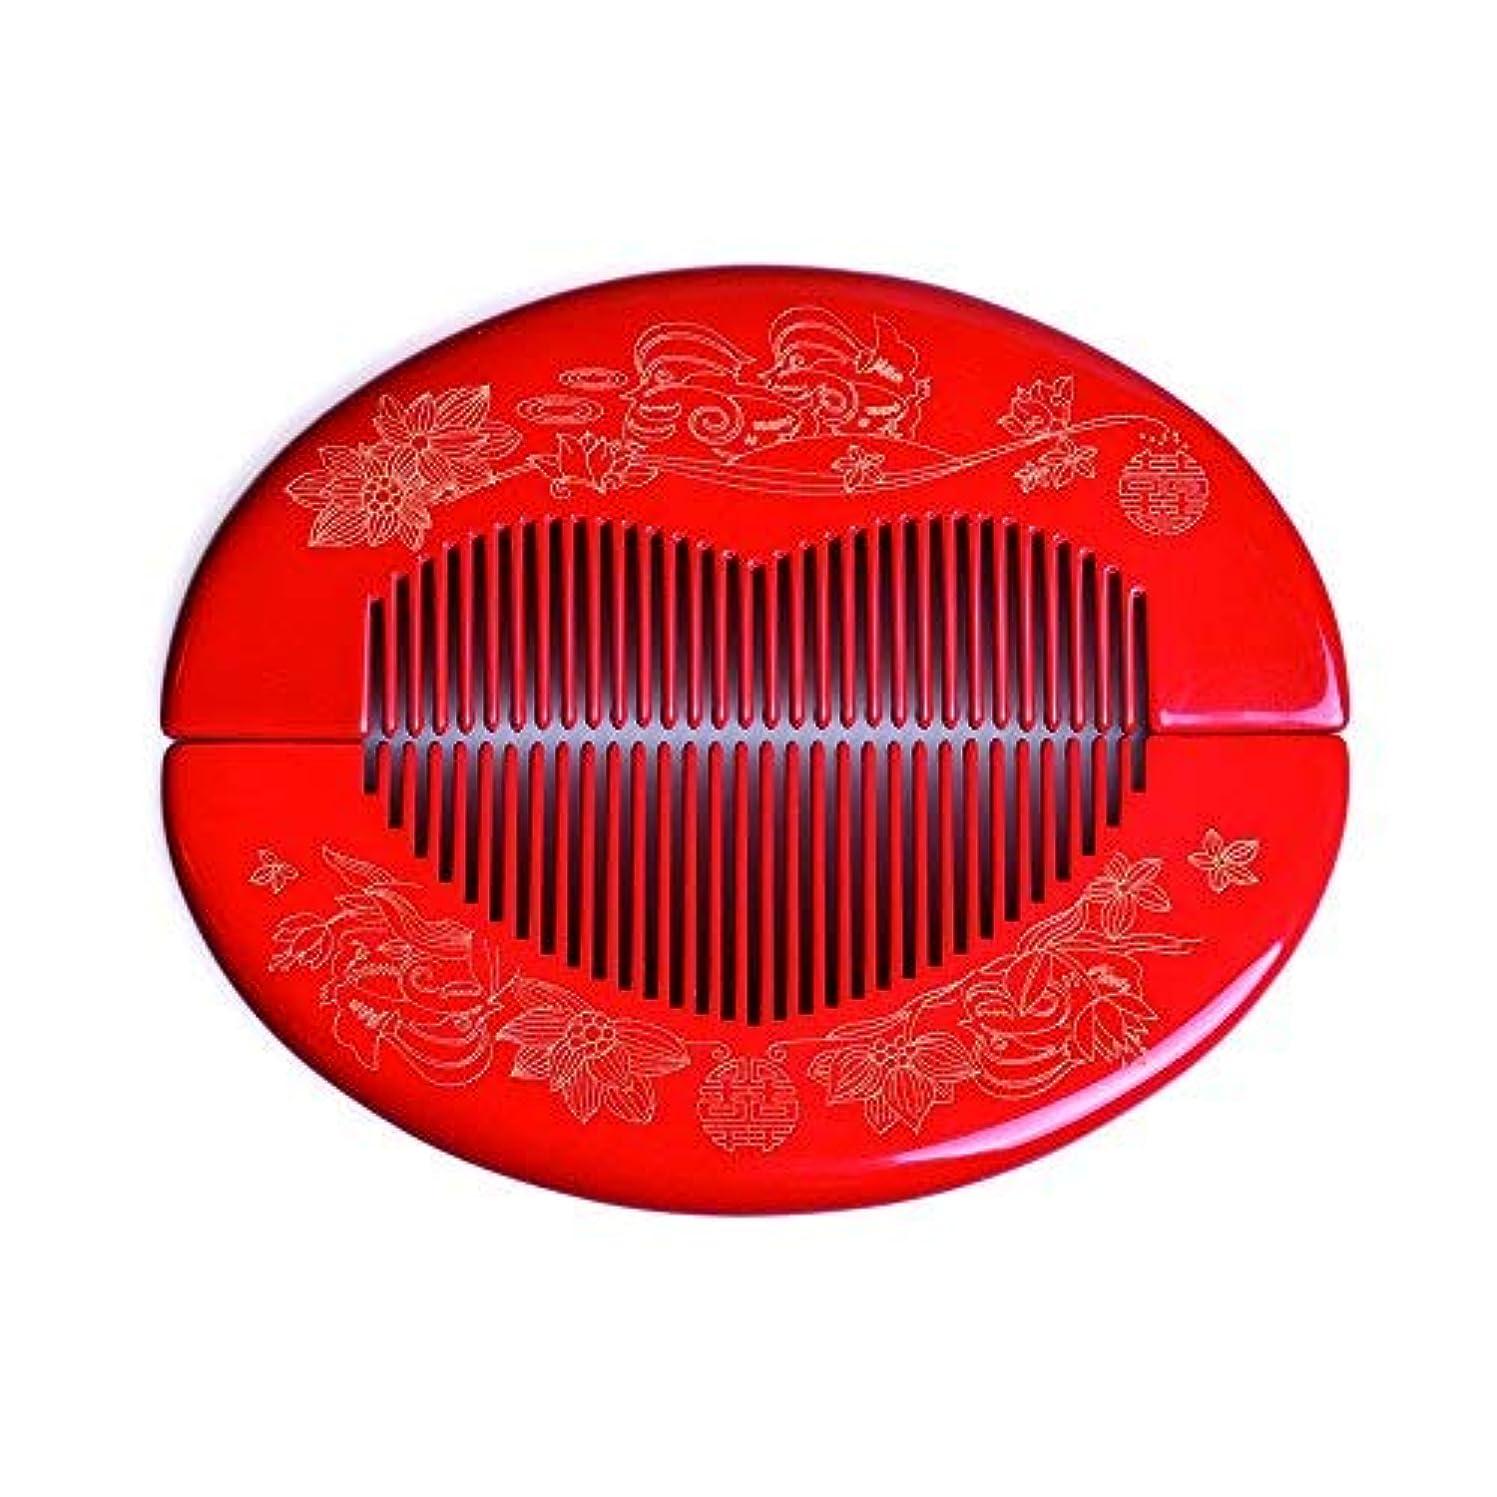 再生可能長方形いろいろTAN MUJIANG Hair Comb Decoration,Wedding Hair Comb, Wood Hair Combs For Women, Wood Combs For Curly Hair, Natural...